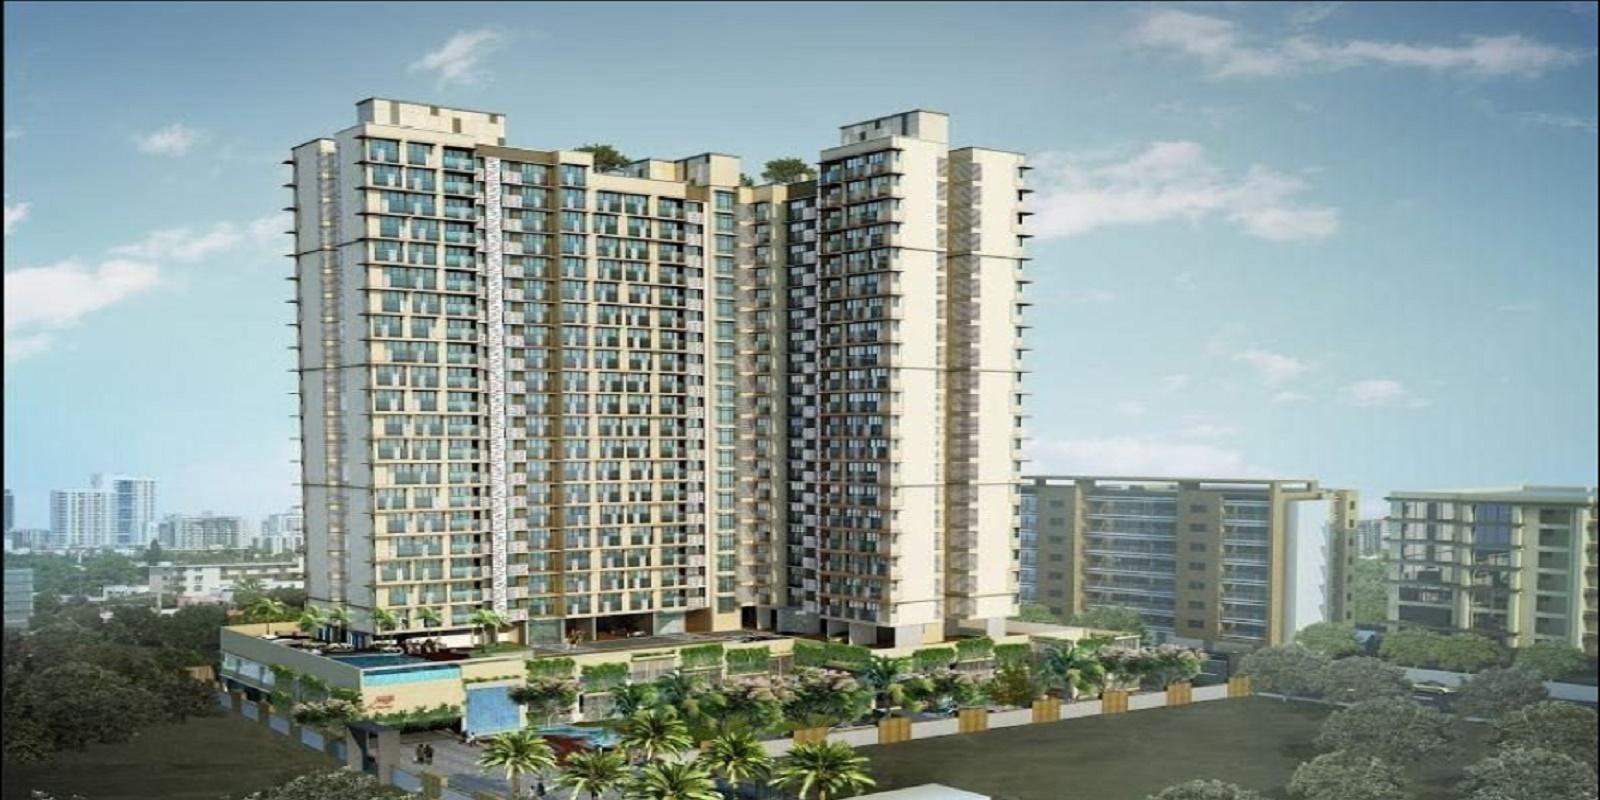 srishti harmony 3 phase 1 project project large image1